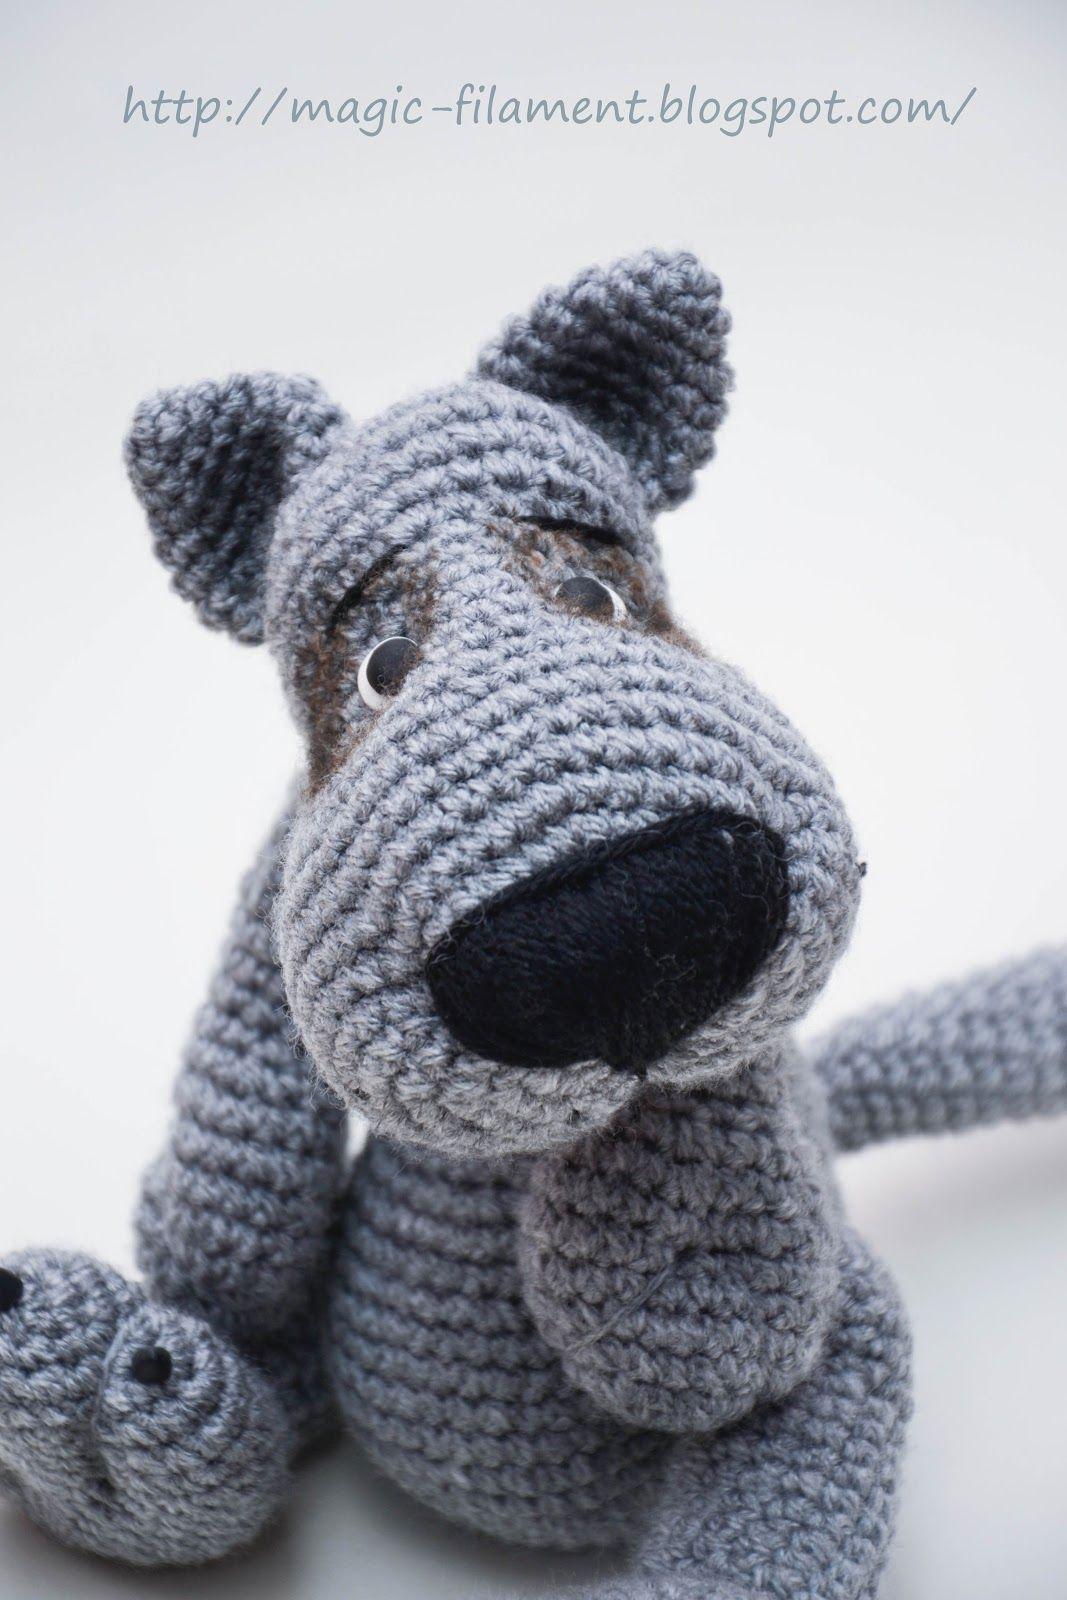 Волчек-Серый бочек (описание игрушки) | Gehaakte knuffels ...